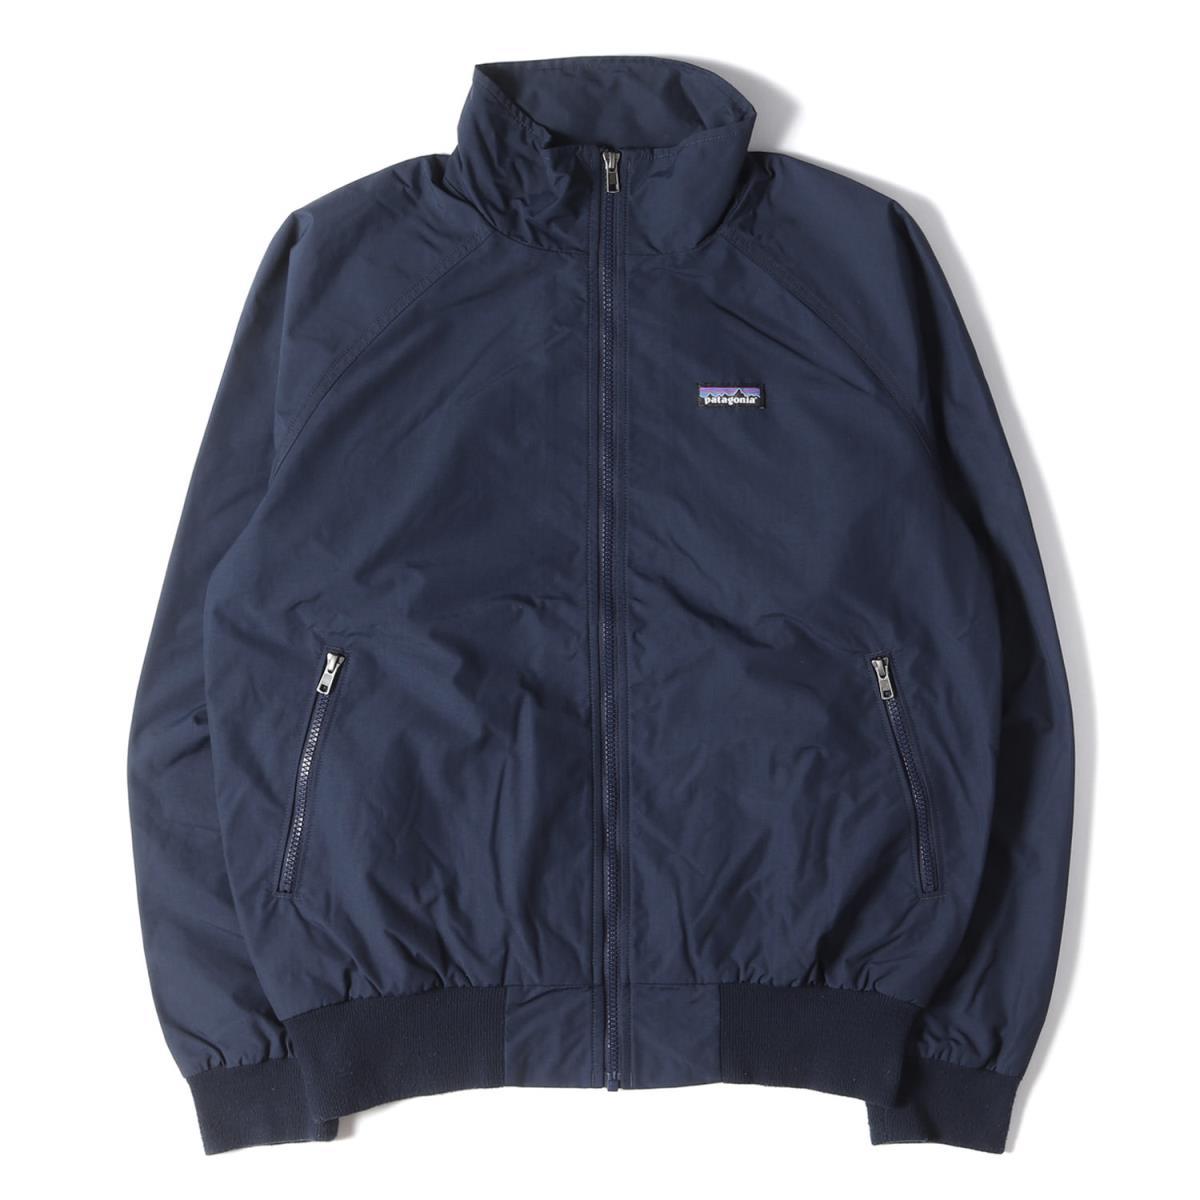 スペシャルオファ Patagonia パタゴニア ジャケット バギーズジャケット Baggies Jacket 15SS ネイビー M 【メンズ】【】【K2786】, 東京発インテリア雑貨のクライン a5630088